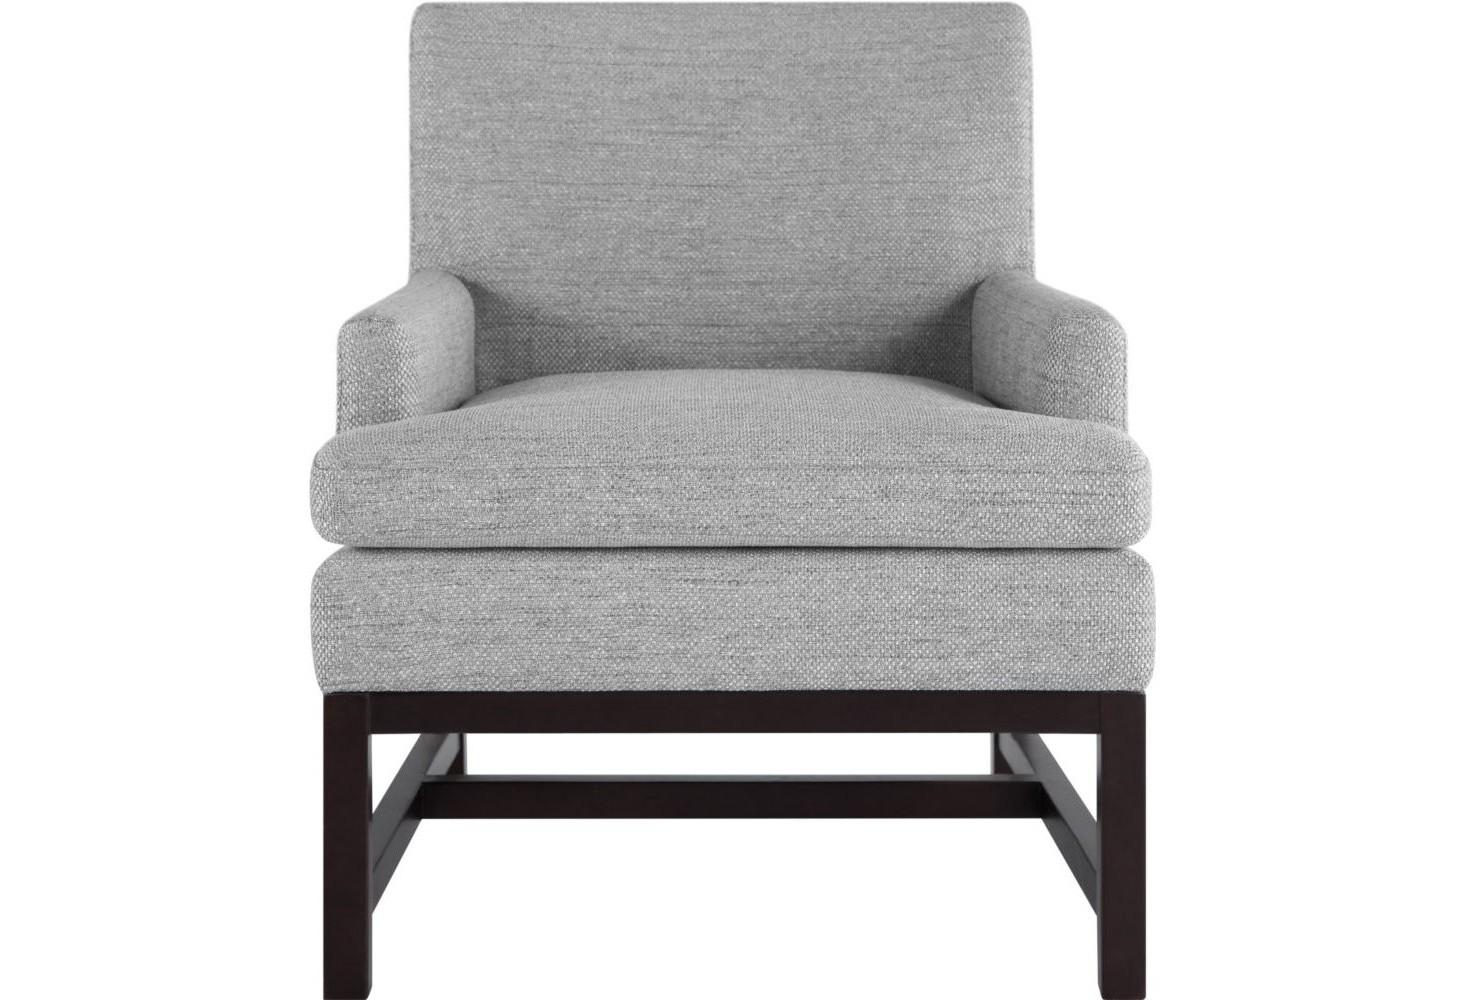 КреслоИнтерьерные кресла<br><br><br>Material: Текстиль<br>Ширина см: 65<br>Высота см: 82<br>Глубина см: 78